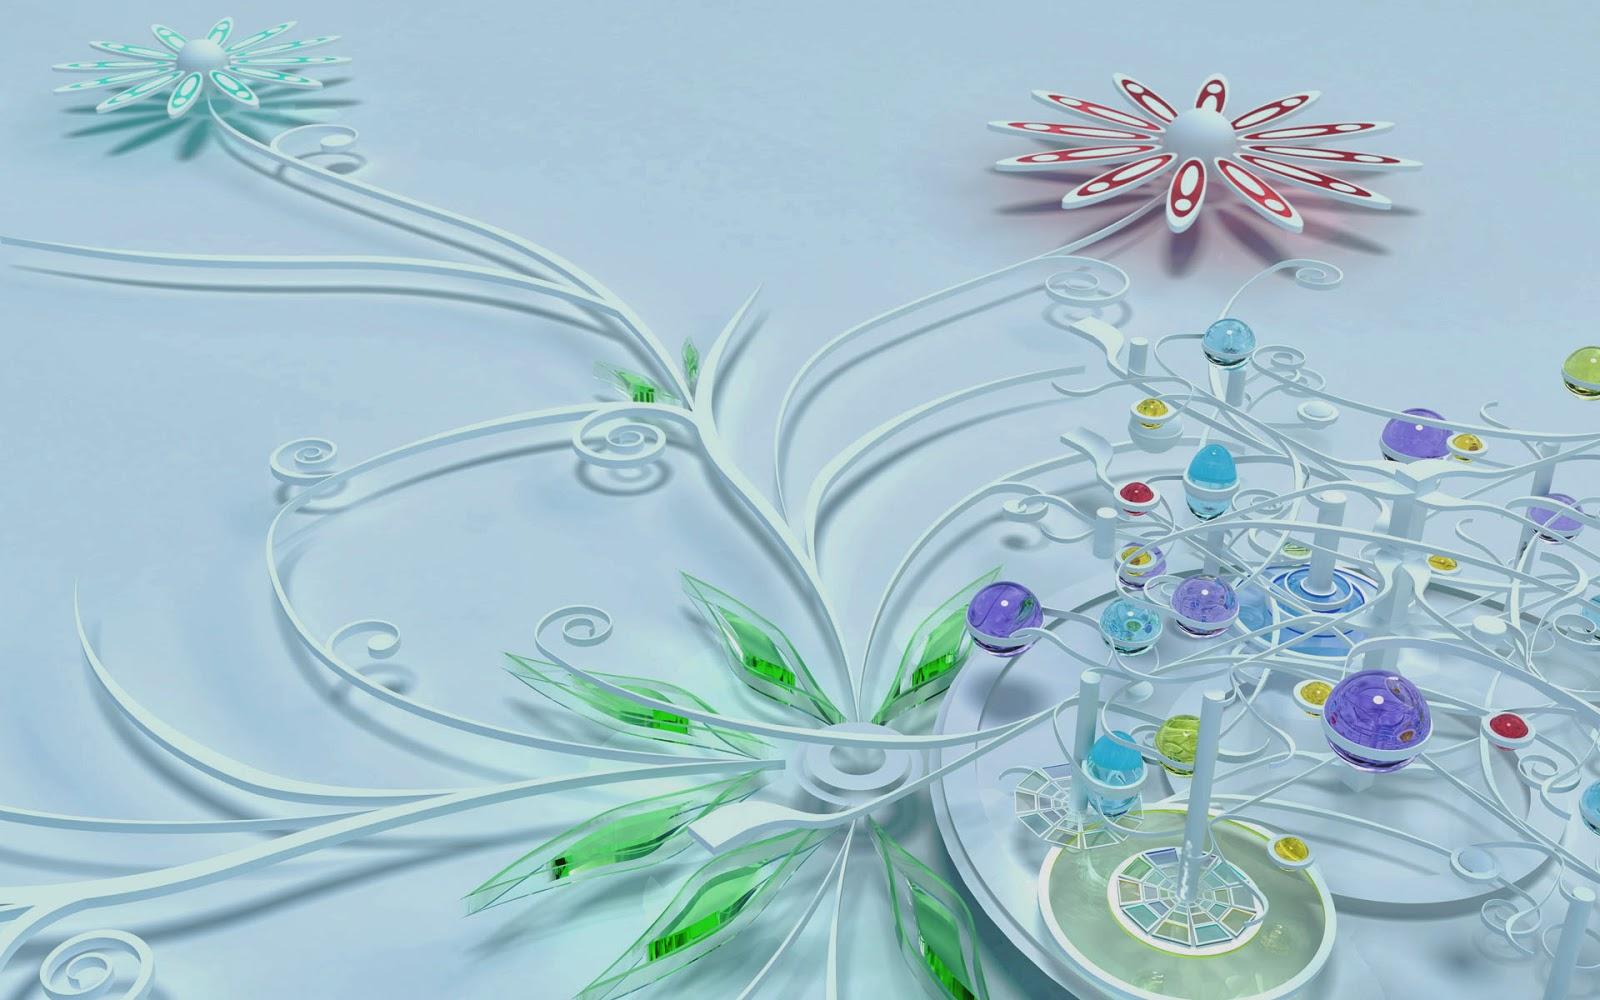 Imagenes De Portadas Para Facebook De Flores Abstractas Hd